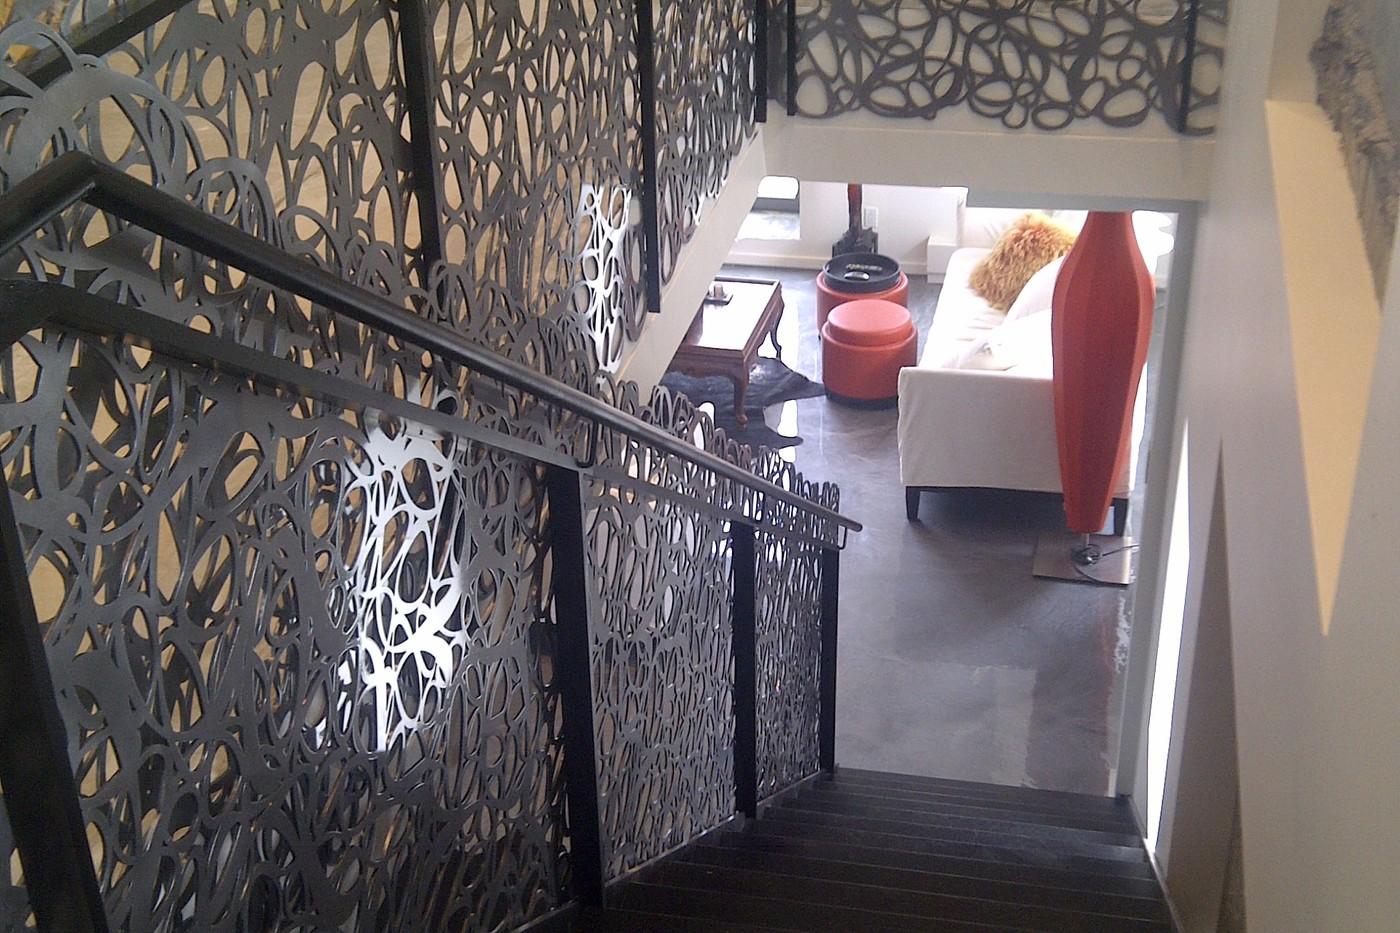 Escaliers et planchers sur mesure boucherville for Escalier exterieur original